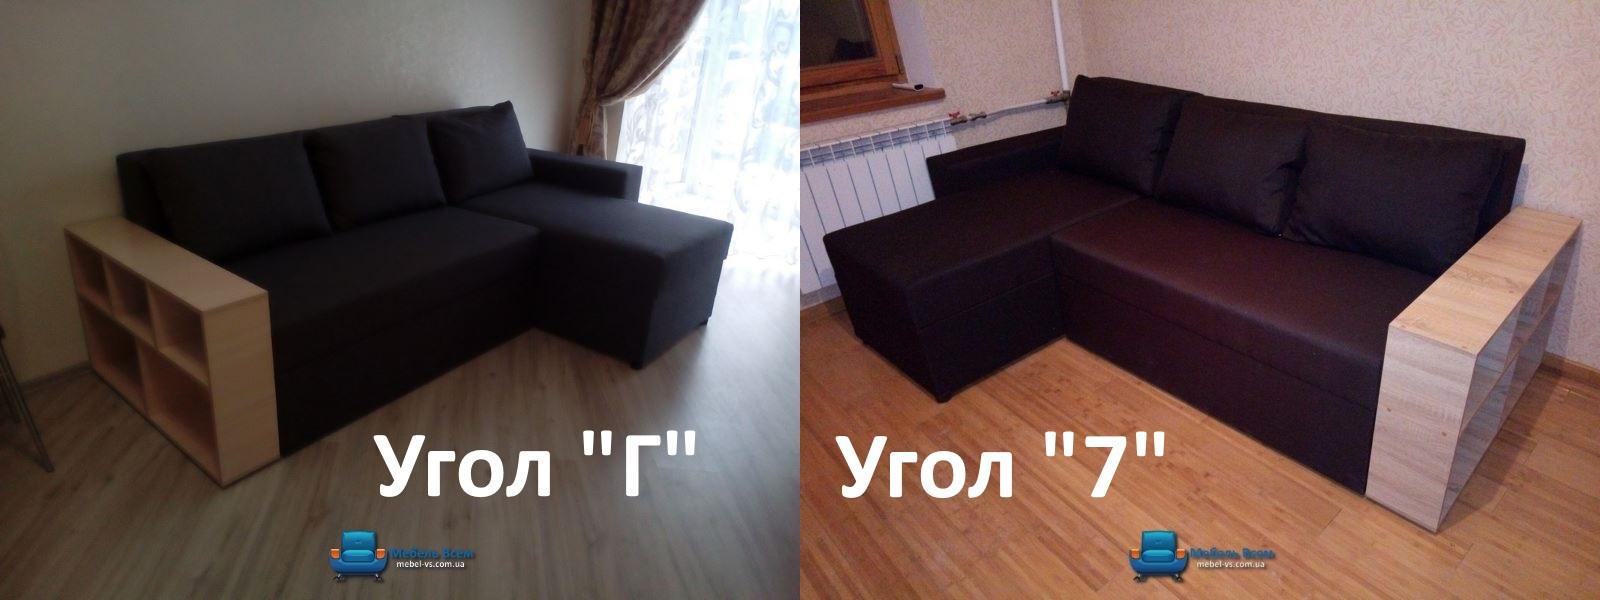 Угловой диван кантри Г или 7